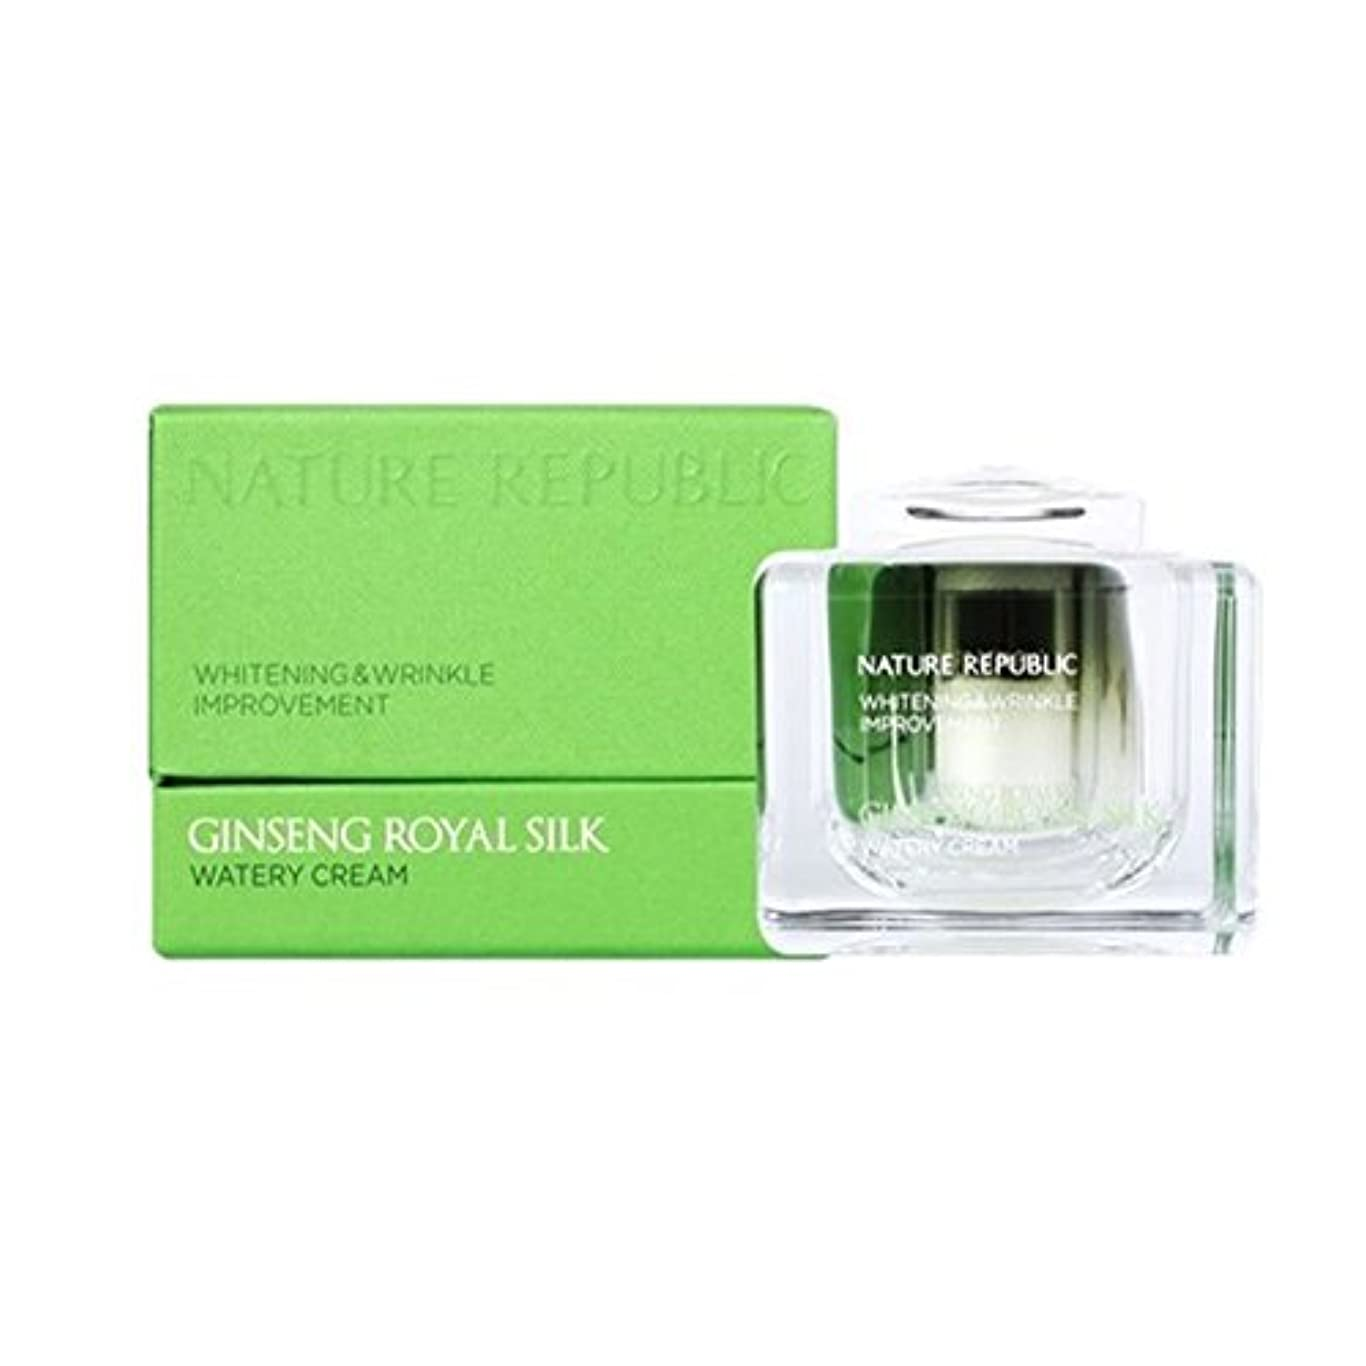 あらゆる種類のコンペ楽しむネイチャーリパブリック(NATURE REPUBLIC) ジンセンロイヤルシルクウォトリクリーム 60ml NATURE REPUBLIC Ginseng Royal Silk Watery Cream 60ml [並行輸入品]